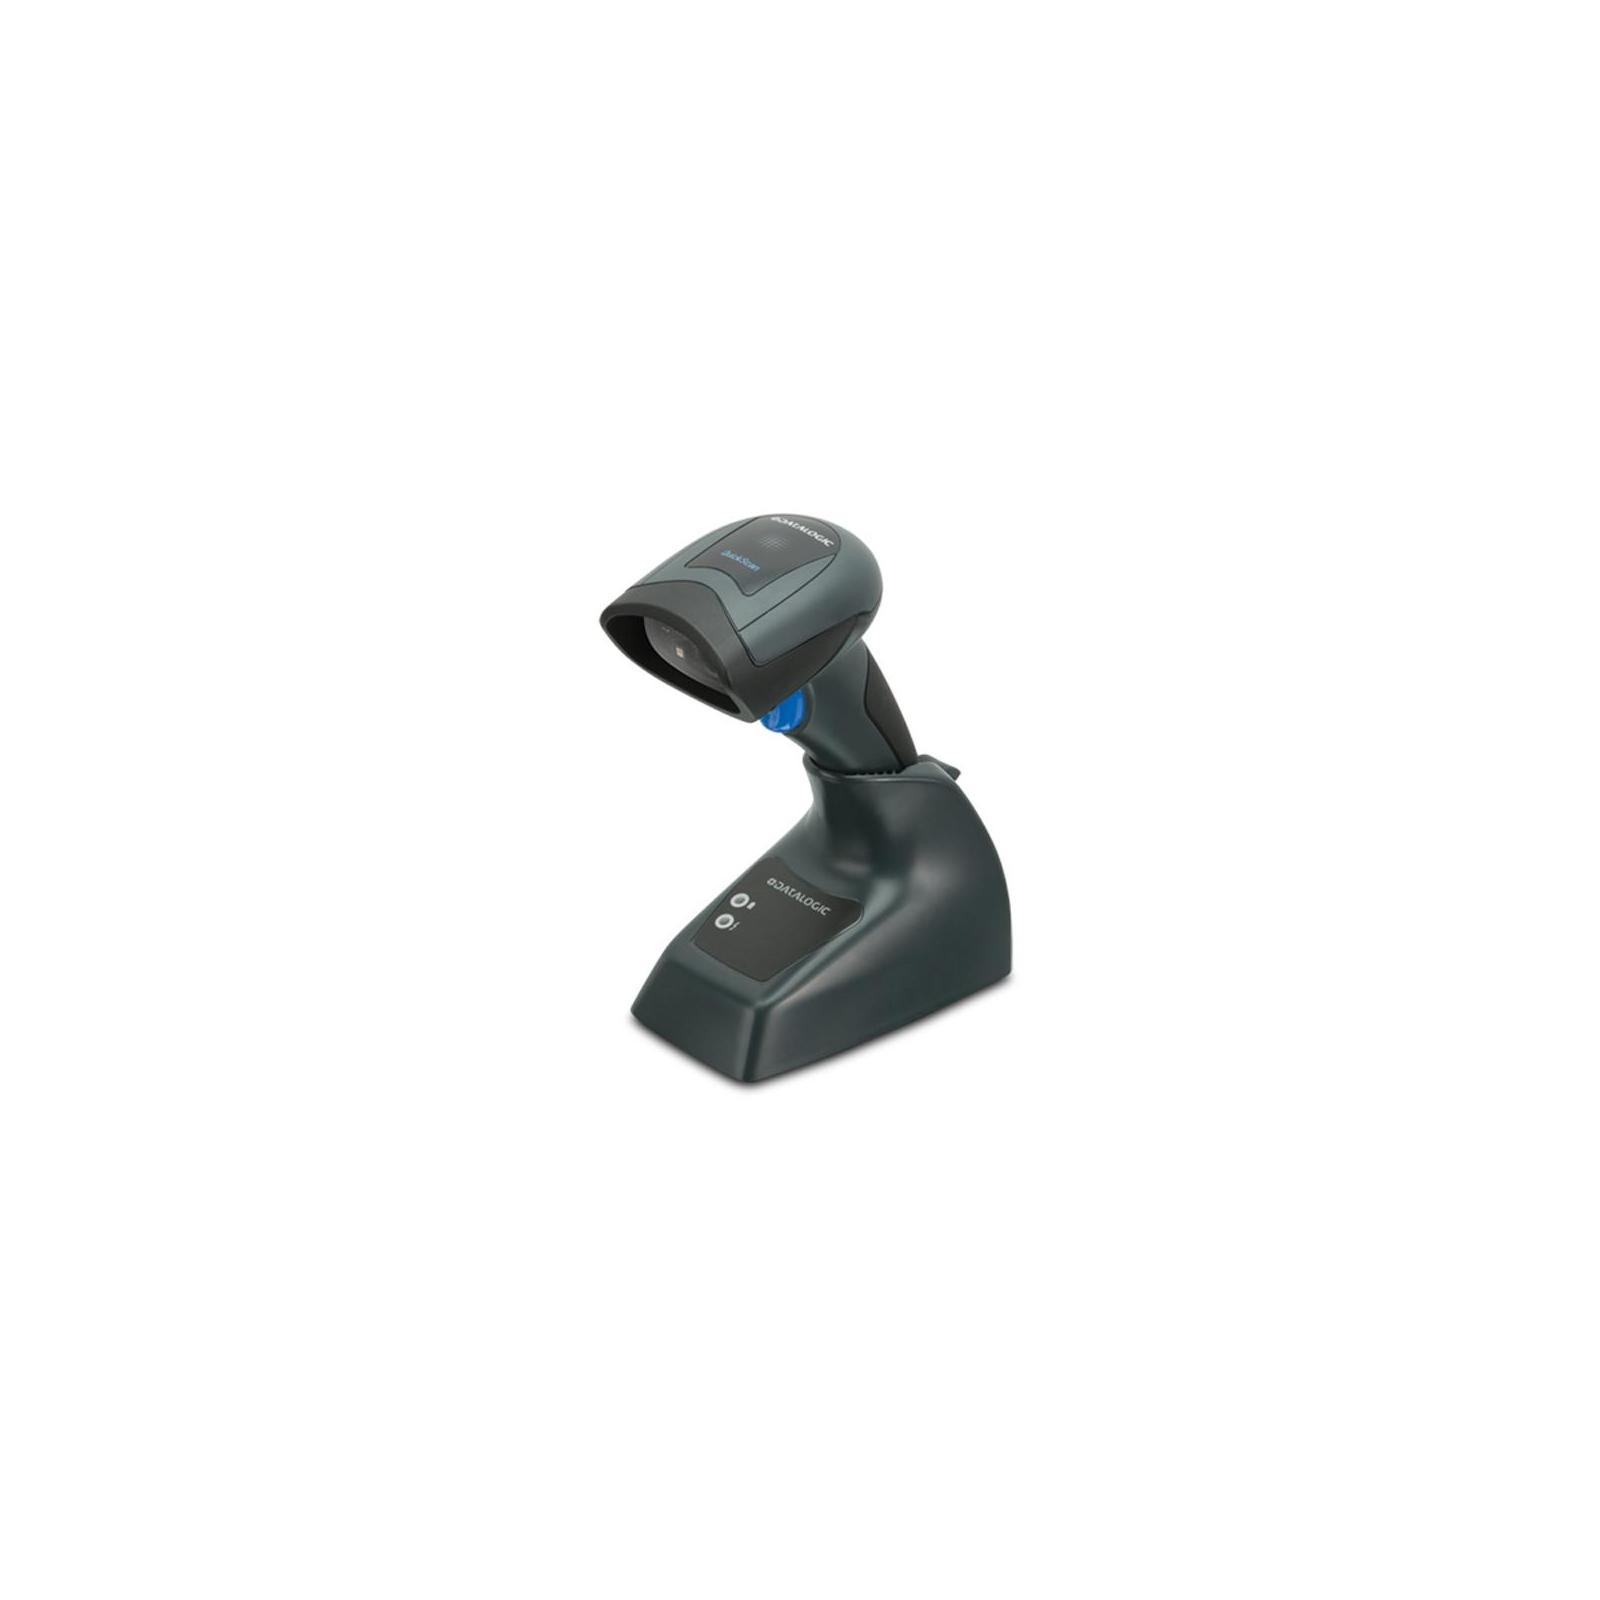 Сканер штрих-кода Datalogic QM2131, USB (QM2131-BK-433K1)